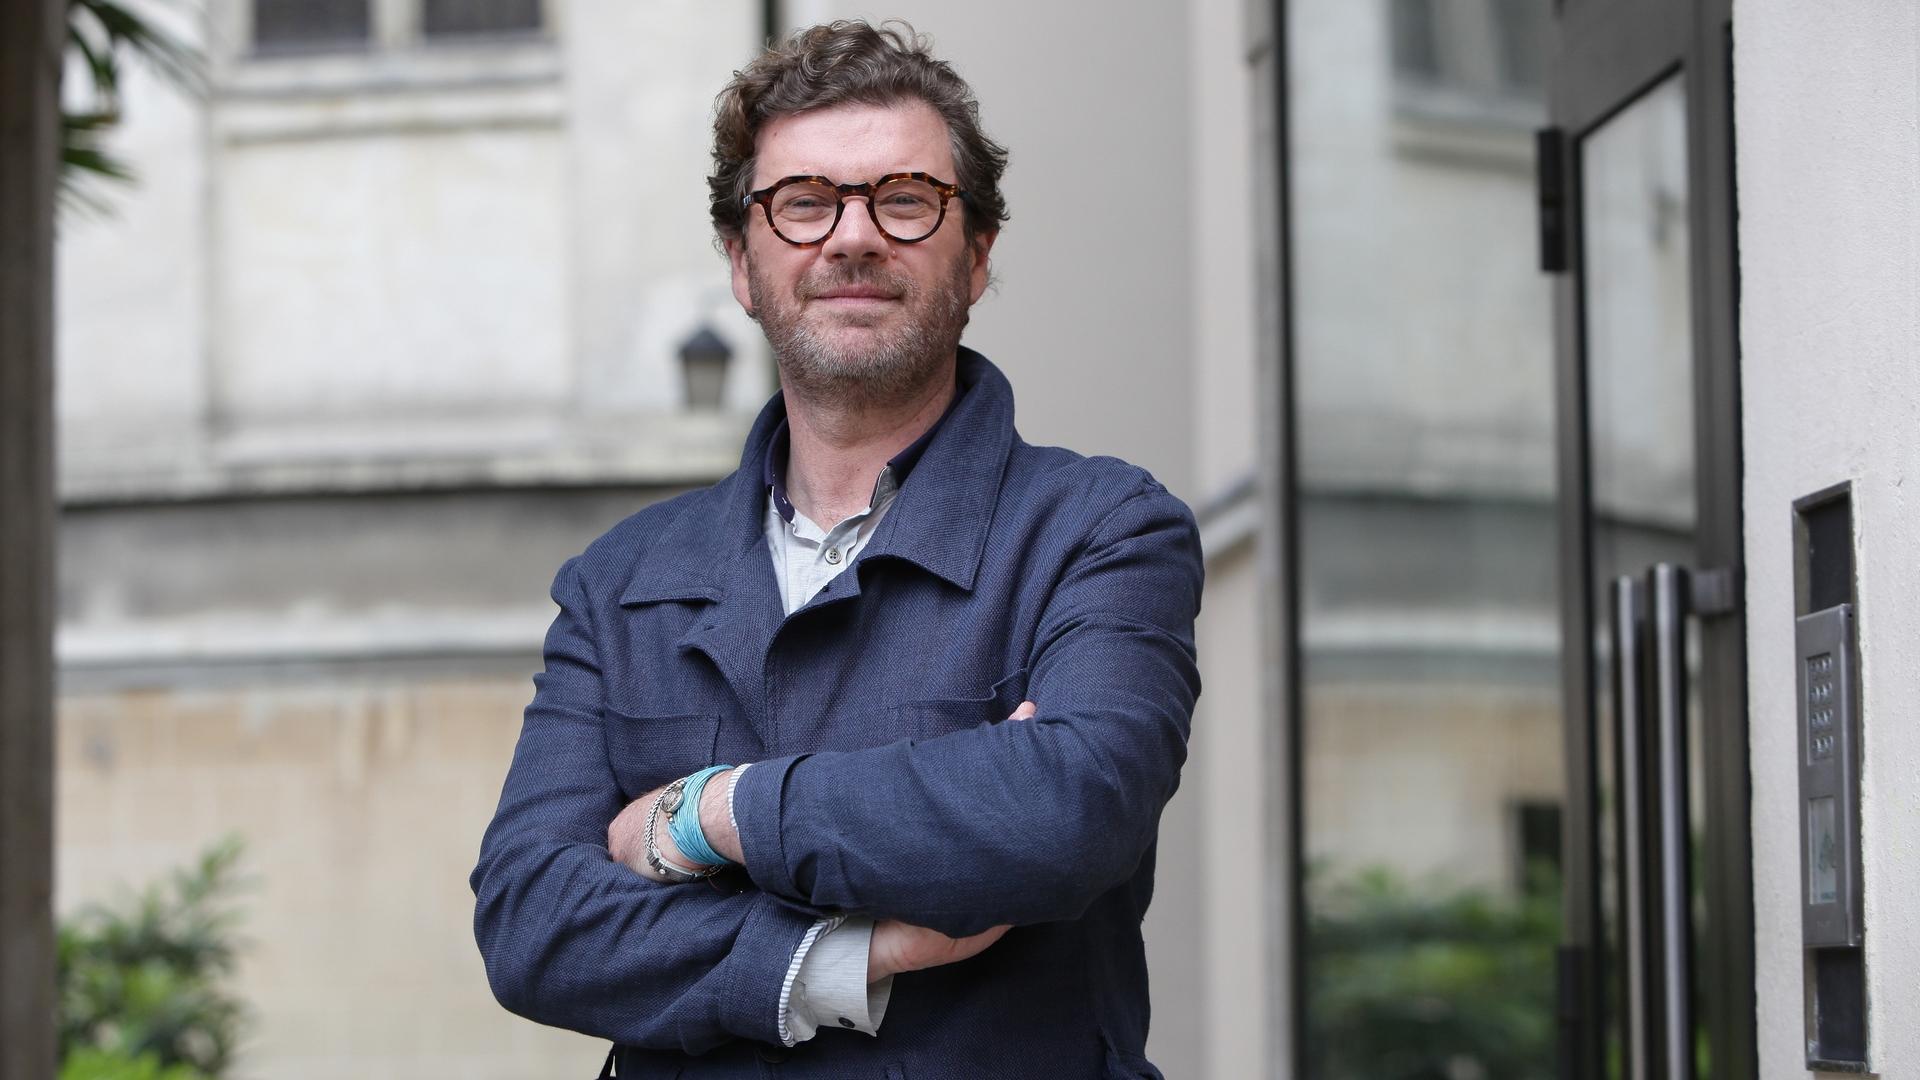 Paname : Autour du Carrefour de Longchamps